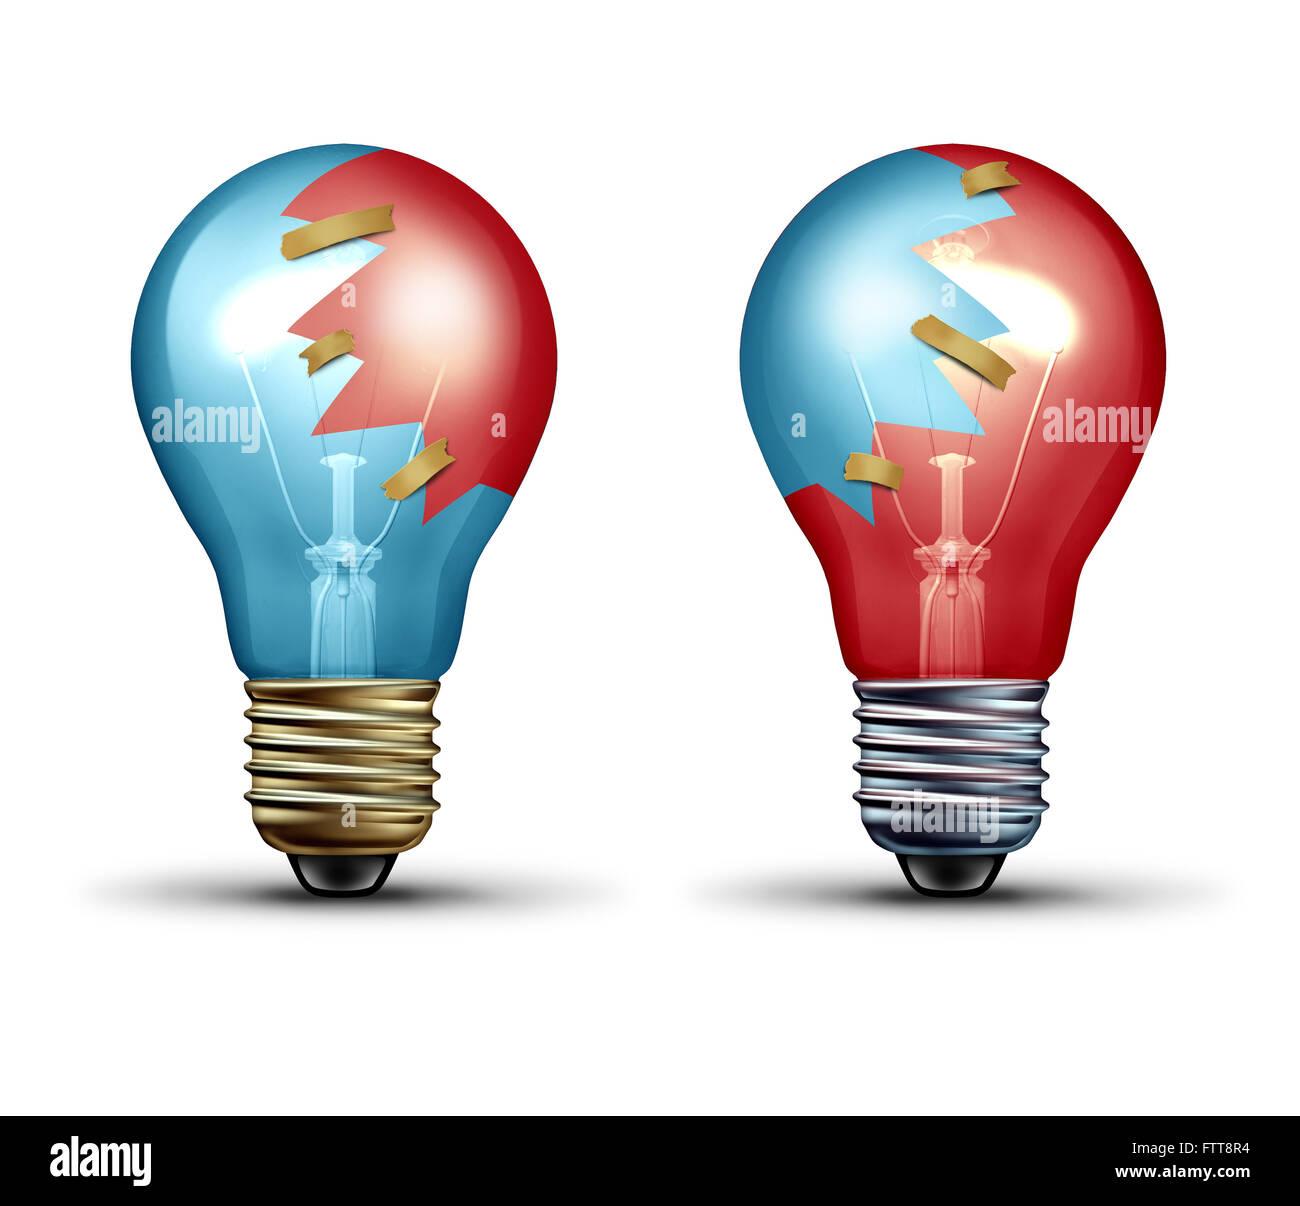 Idea concepto comercial como dos bombillas o bombilla iconos compartidos con pedazos de vidrio como un símbolo Imagen De Stock